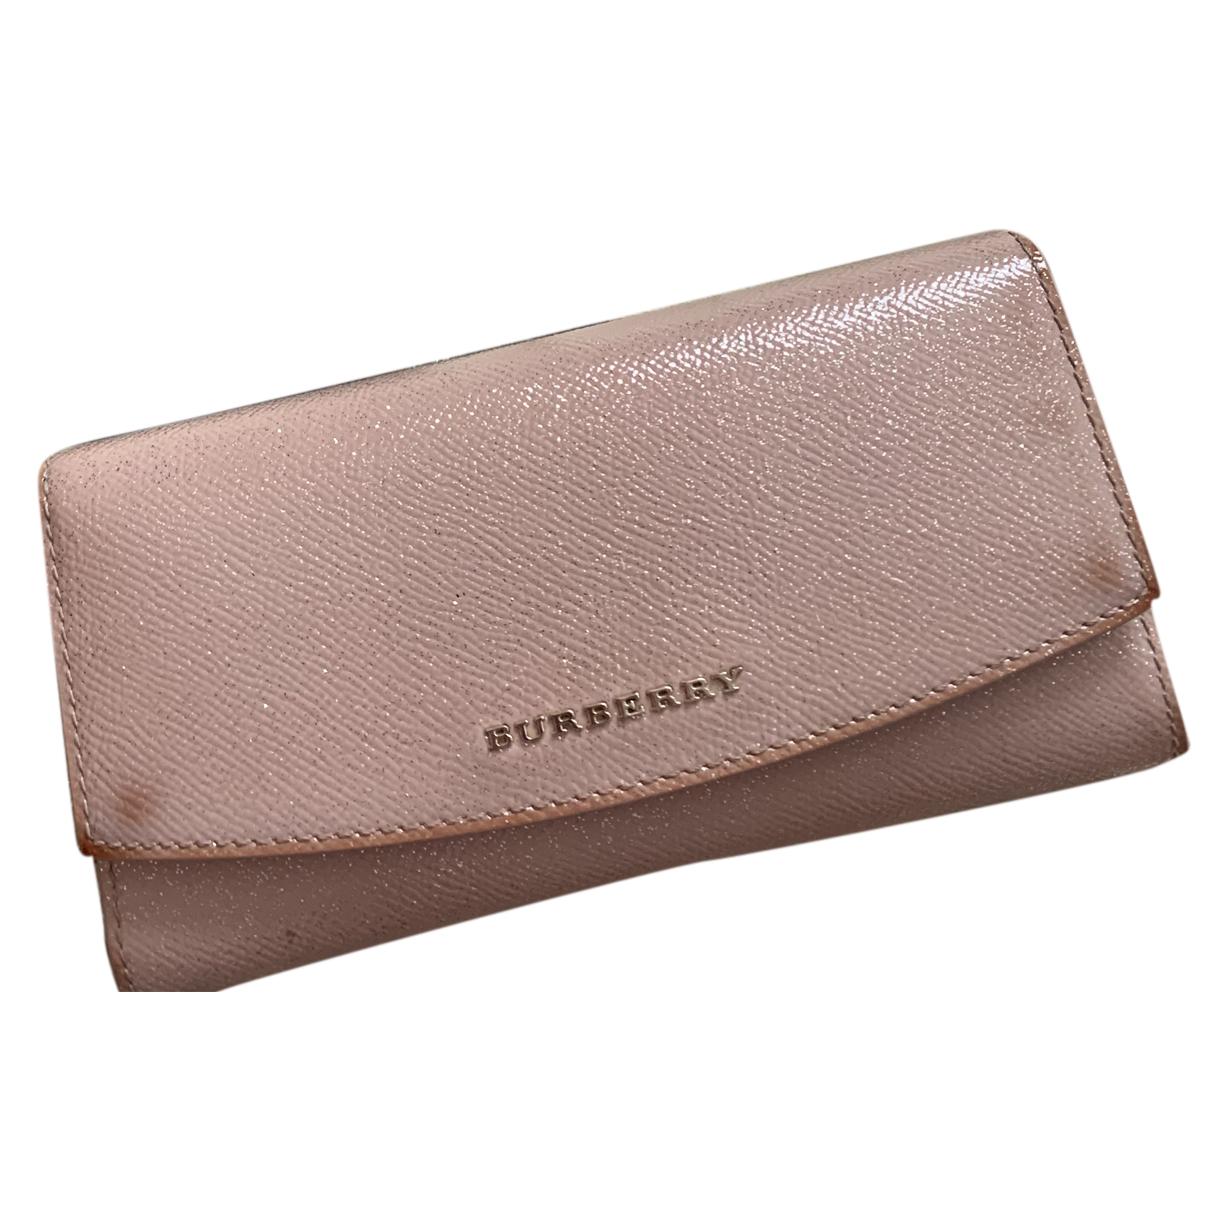 Burberry - Portefeuille   pour femme en cuir - rose